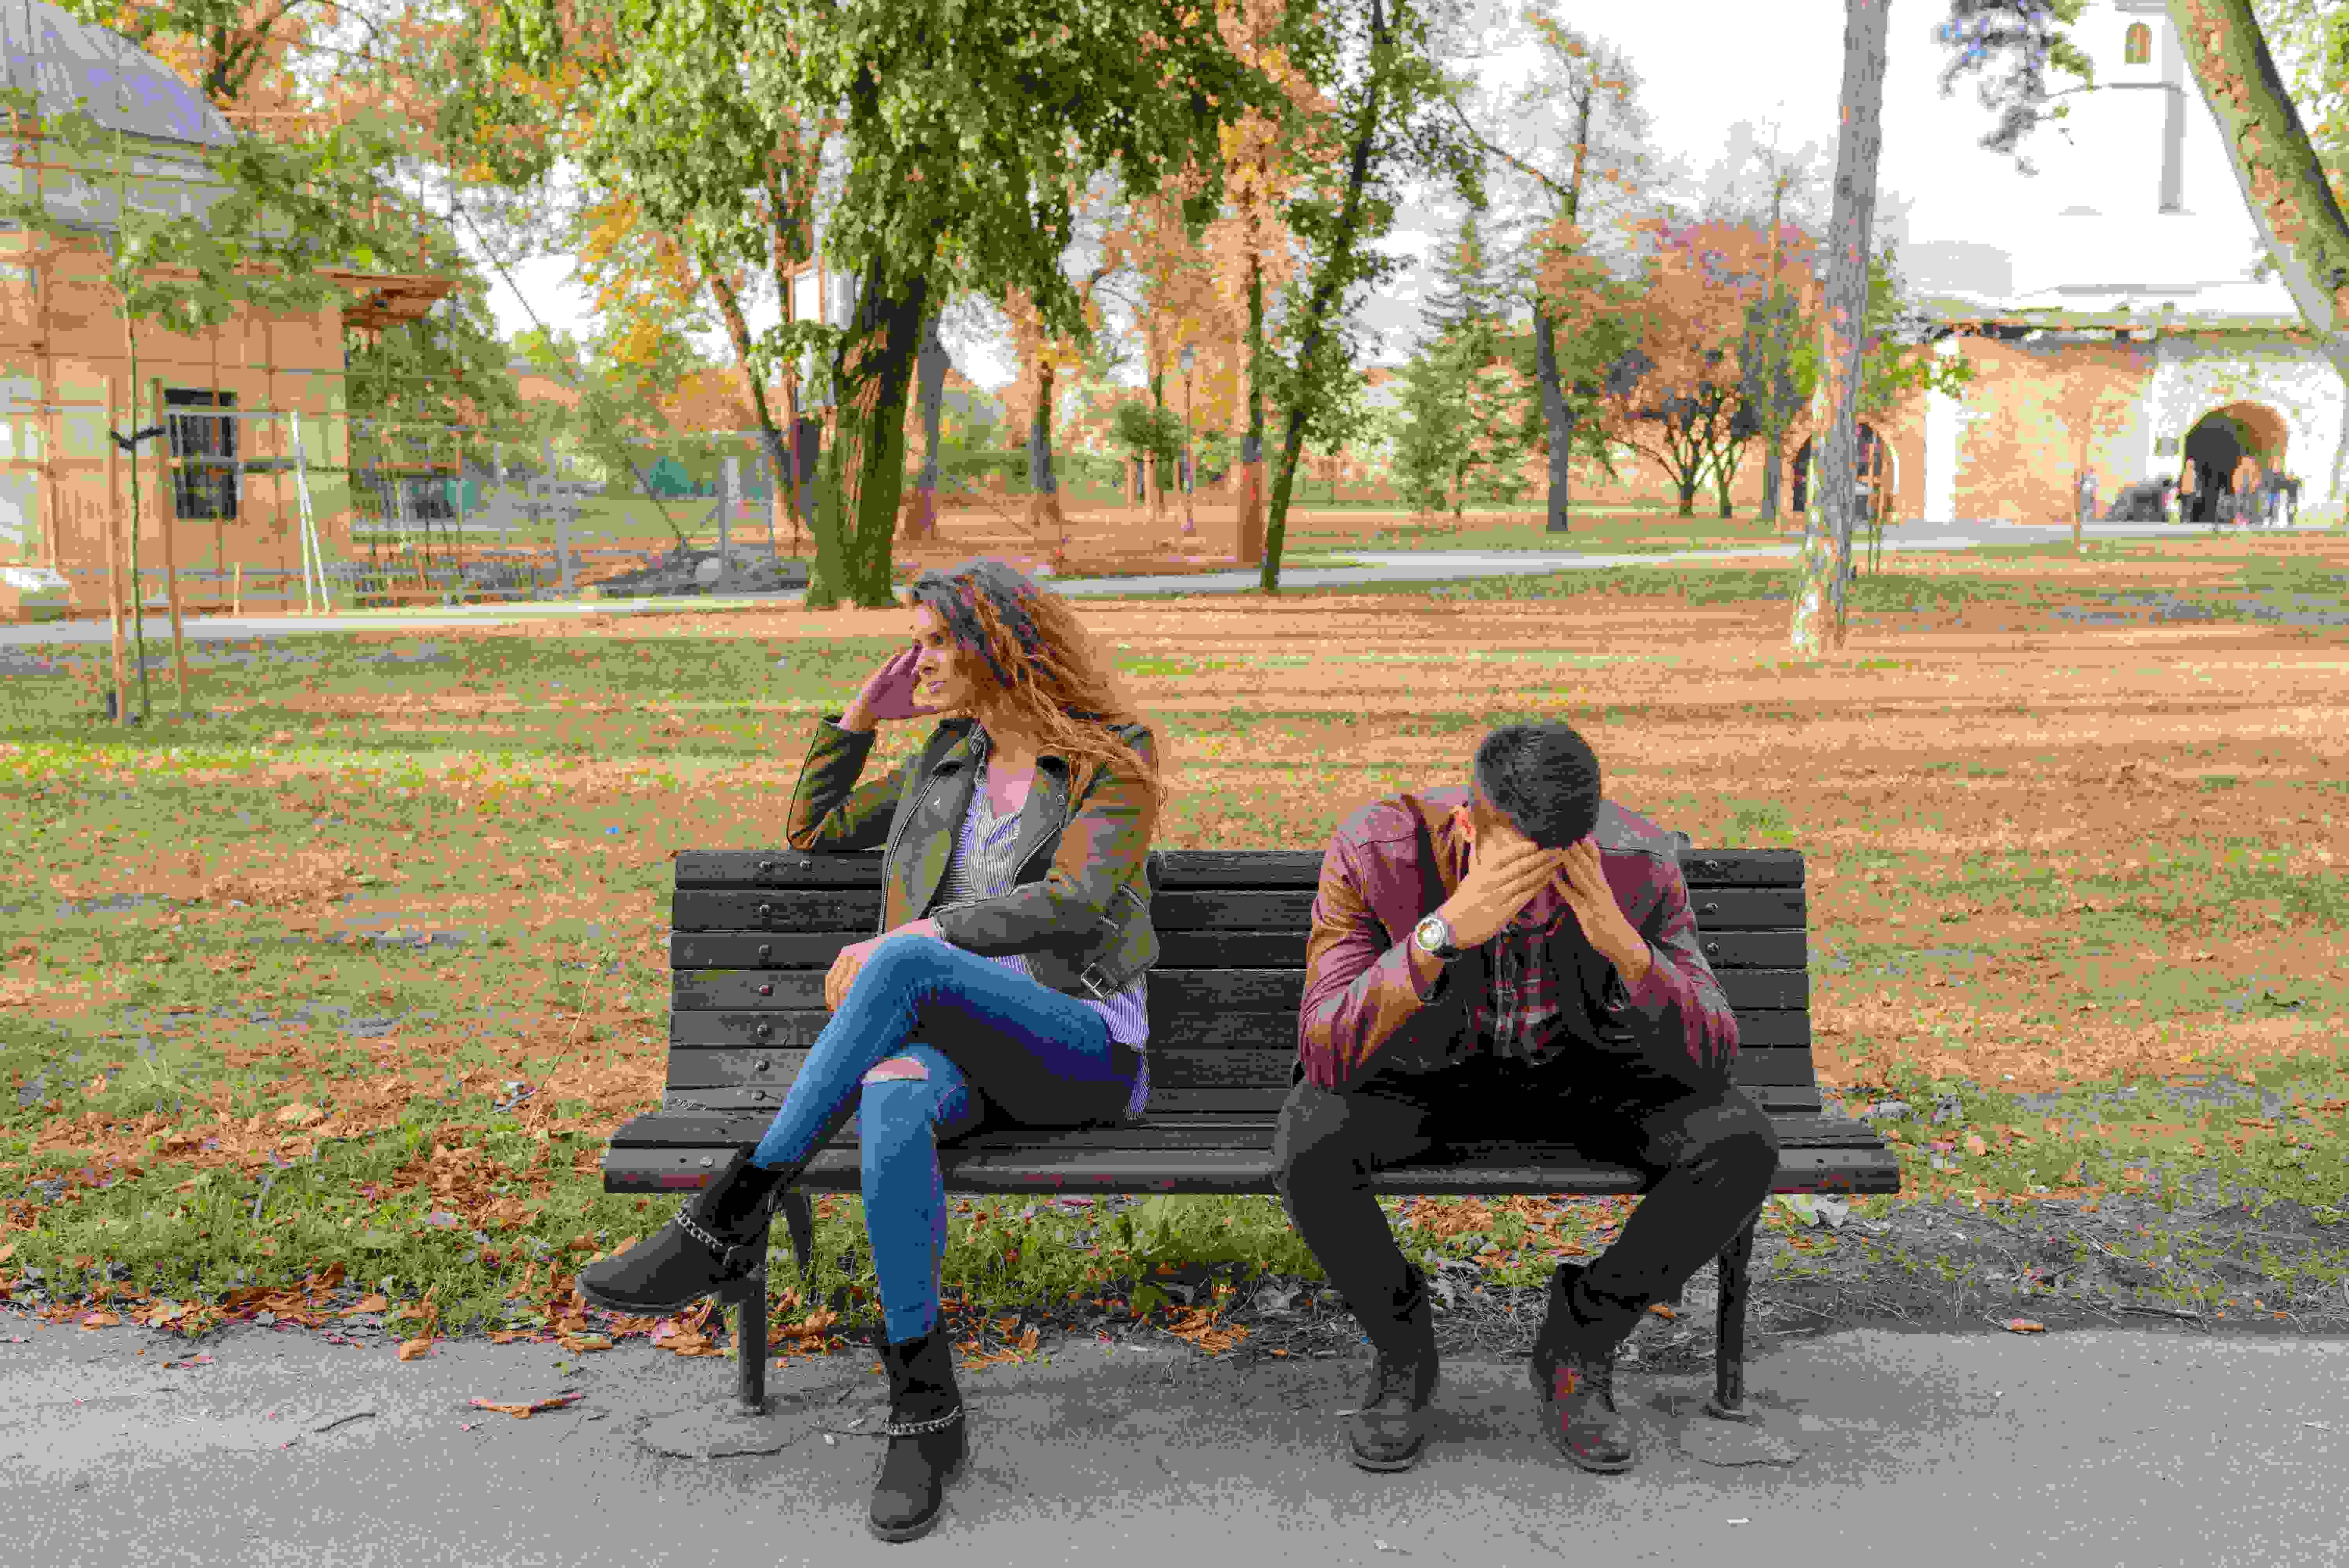 4.確切的告知分手的原因 如果已經下定決心要分手的話,在最後要告訴對方自己感情上的變化,話要直接講明,確切地告訴對方彼此的問題,這樣雙方痛苦的時間才不會太長。